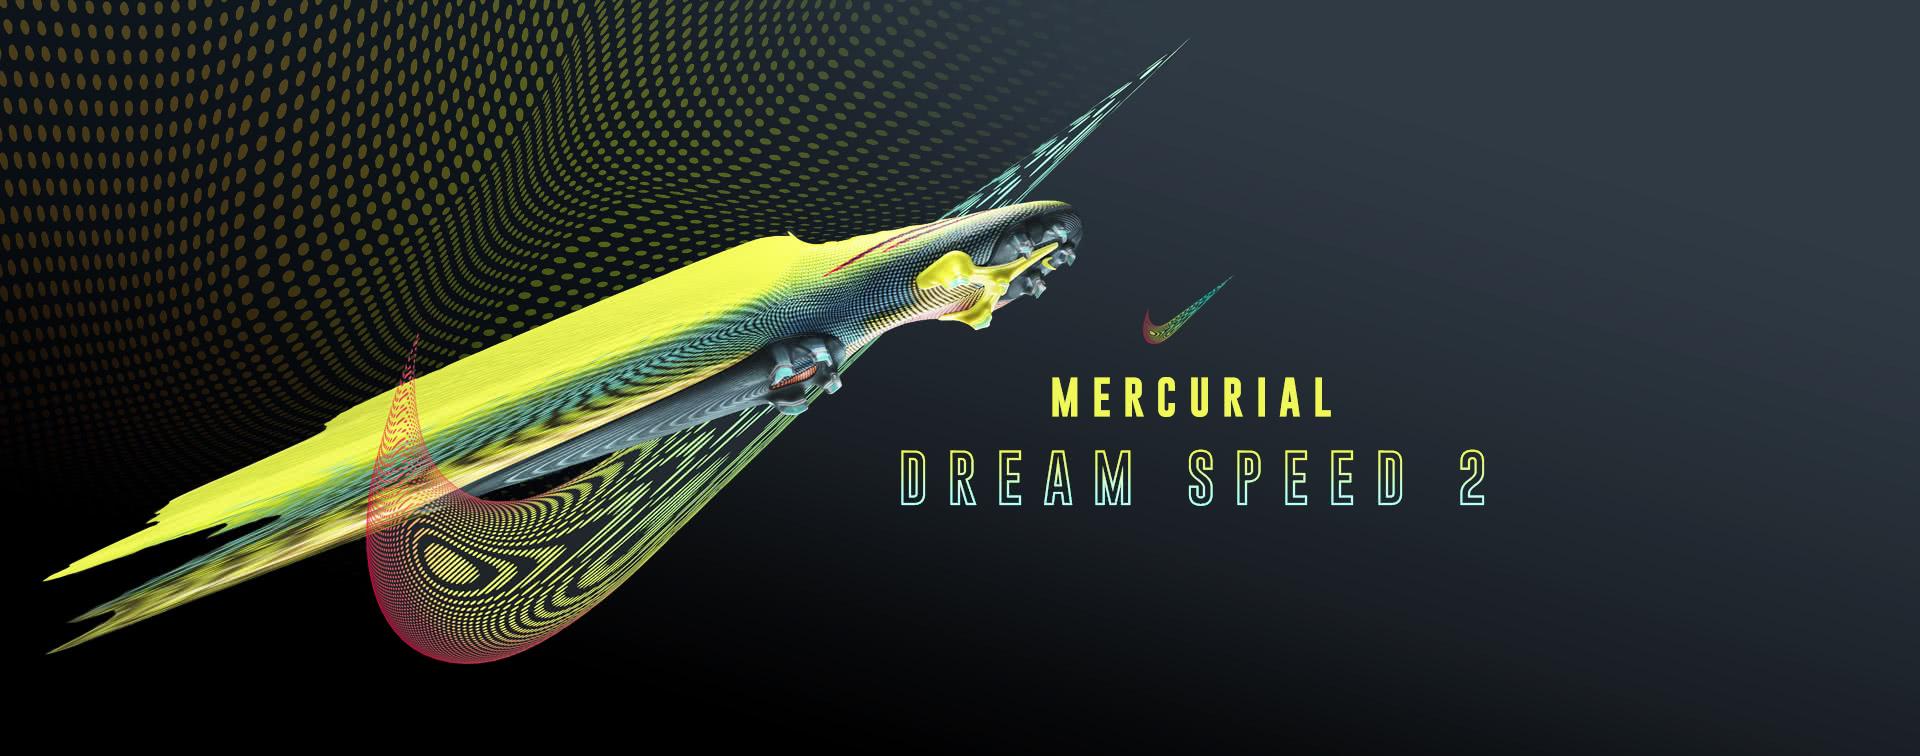 Mercurial Dream Speed 2